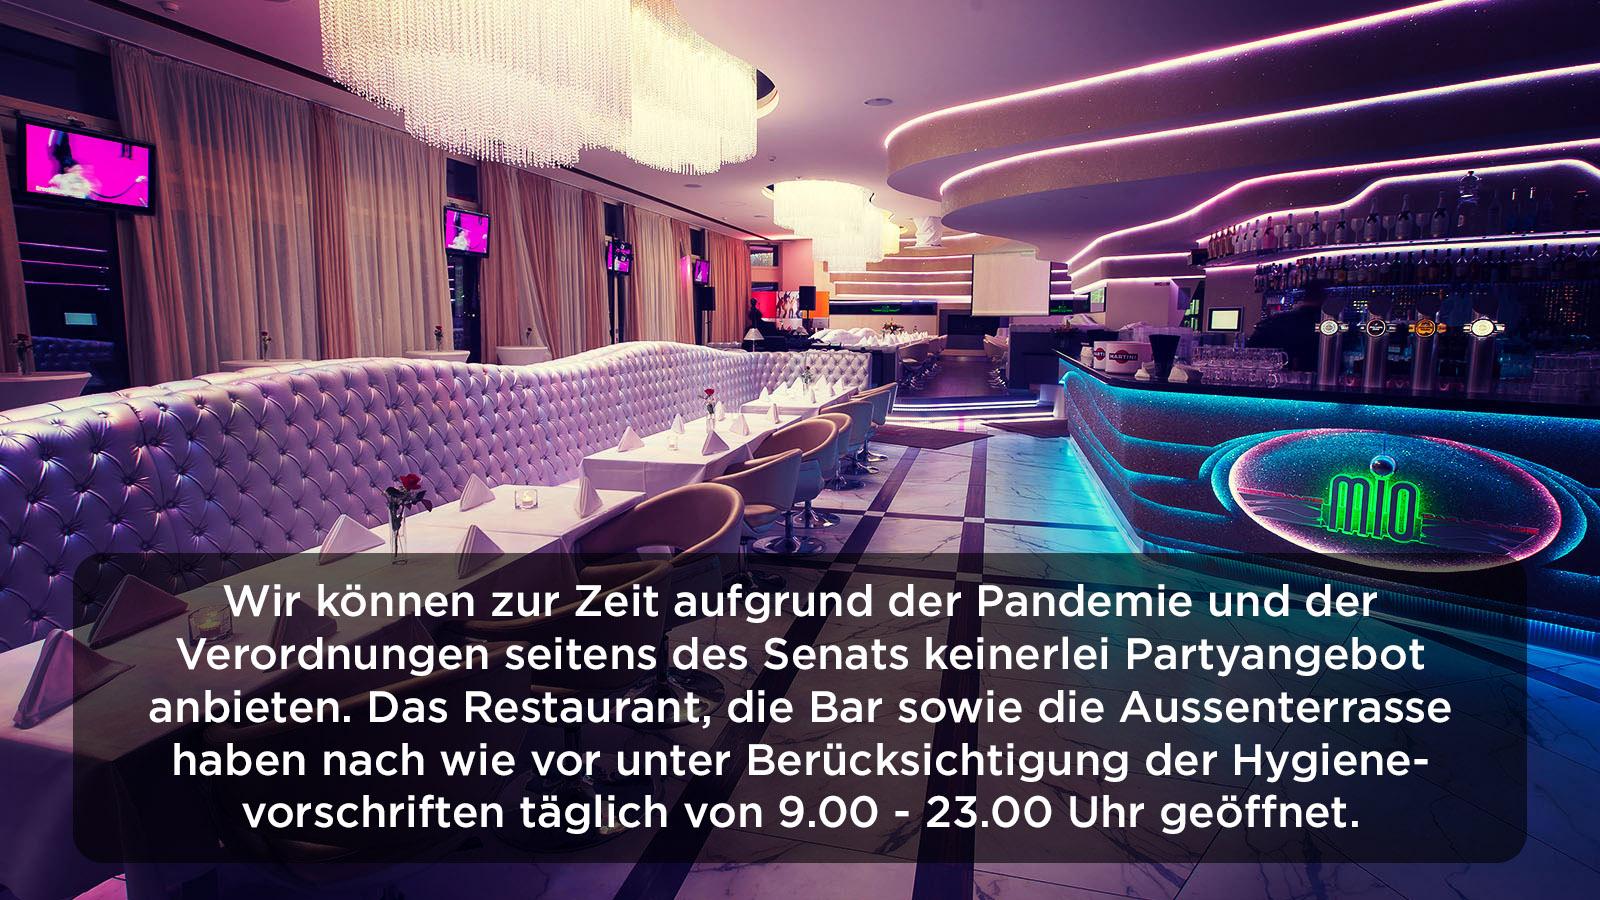 mio-berlin-restaurant-club-eventlocation-alexanderplatz-slider-info-neu